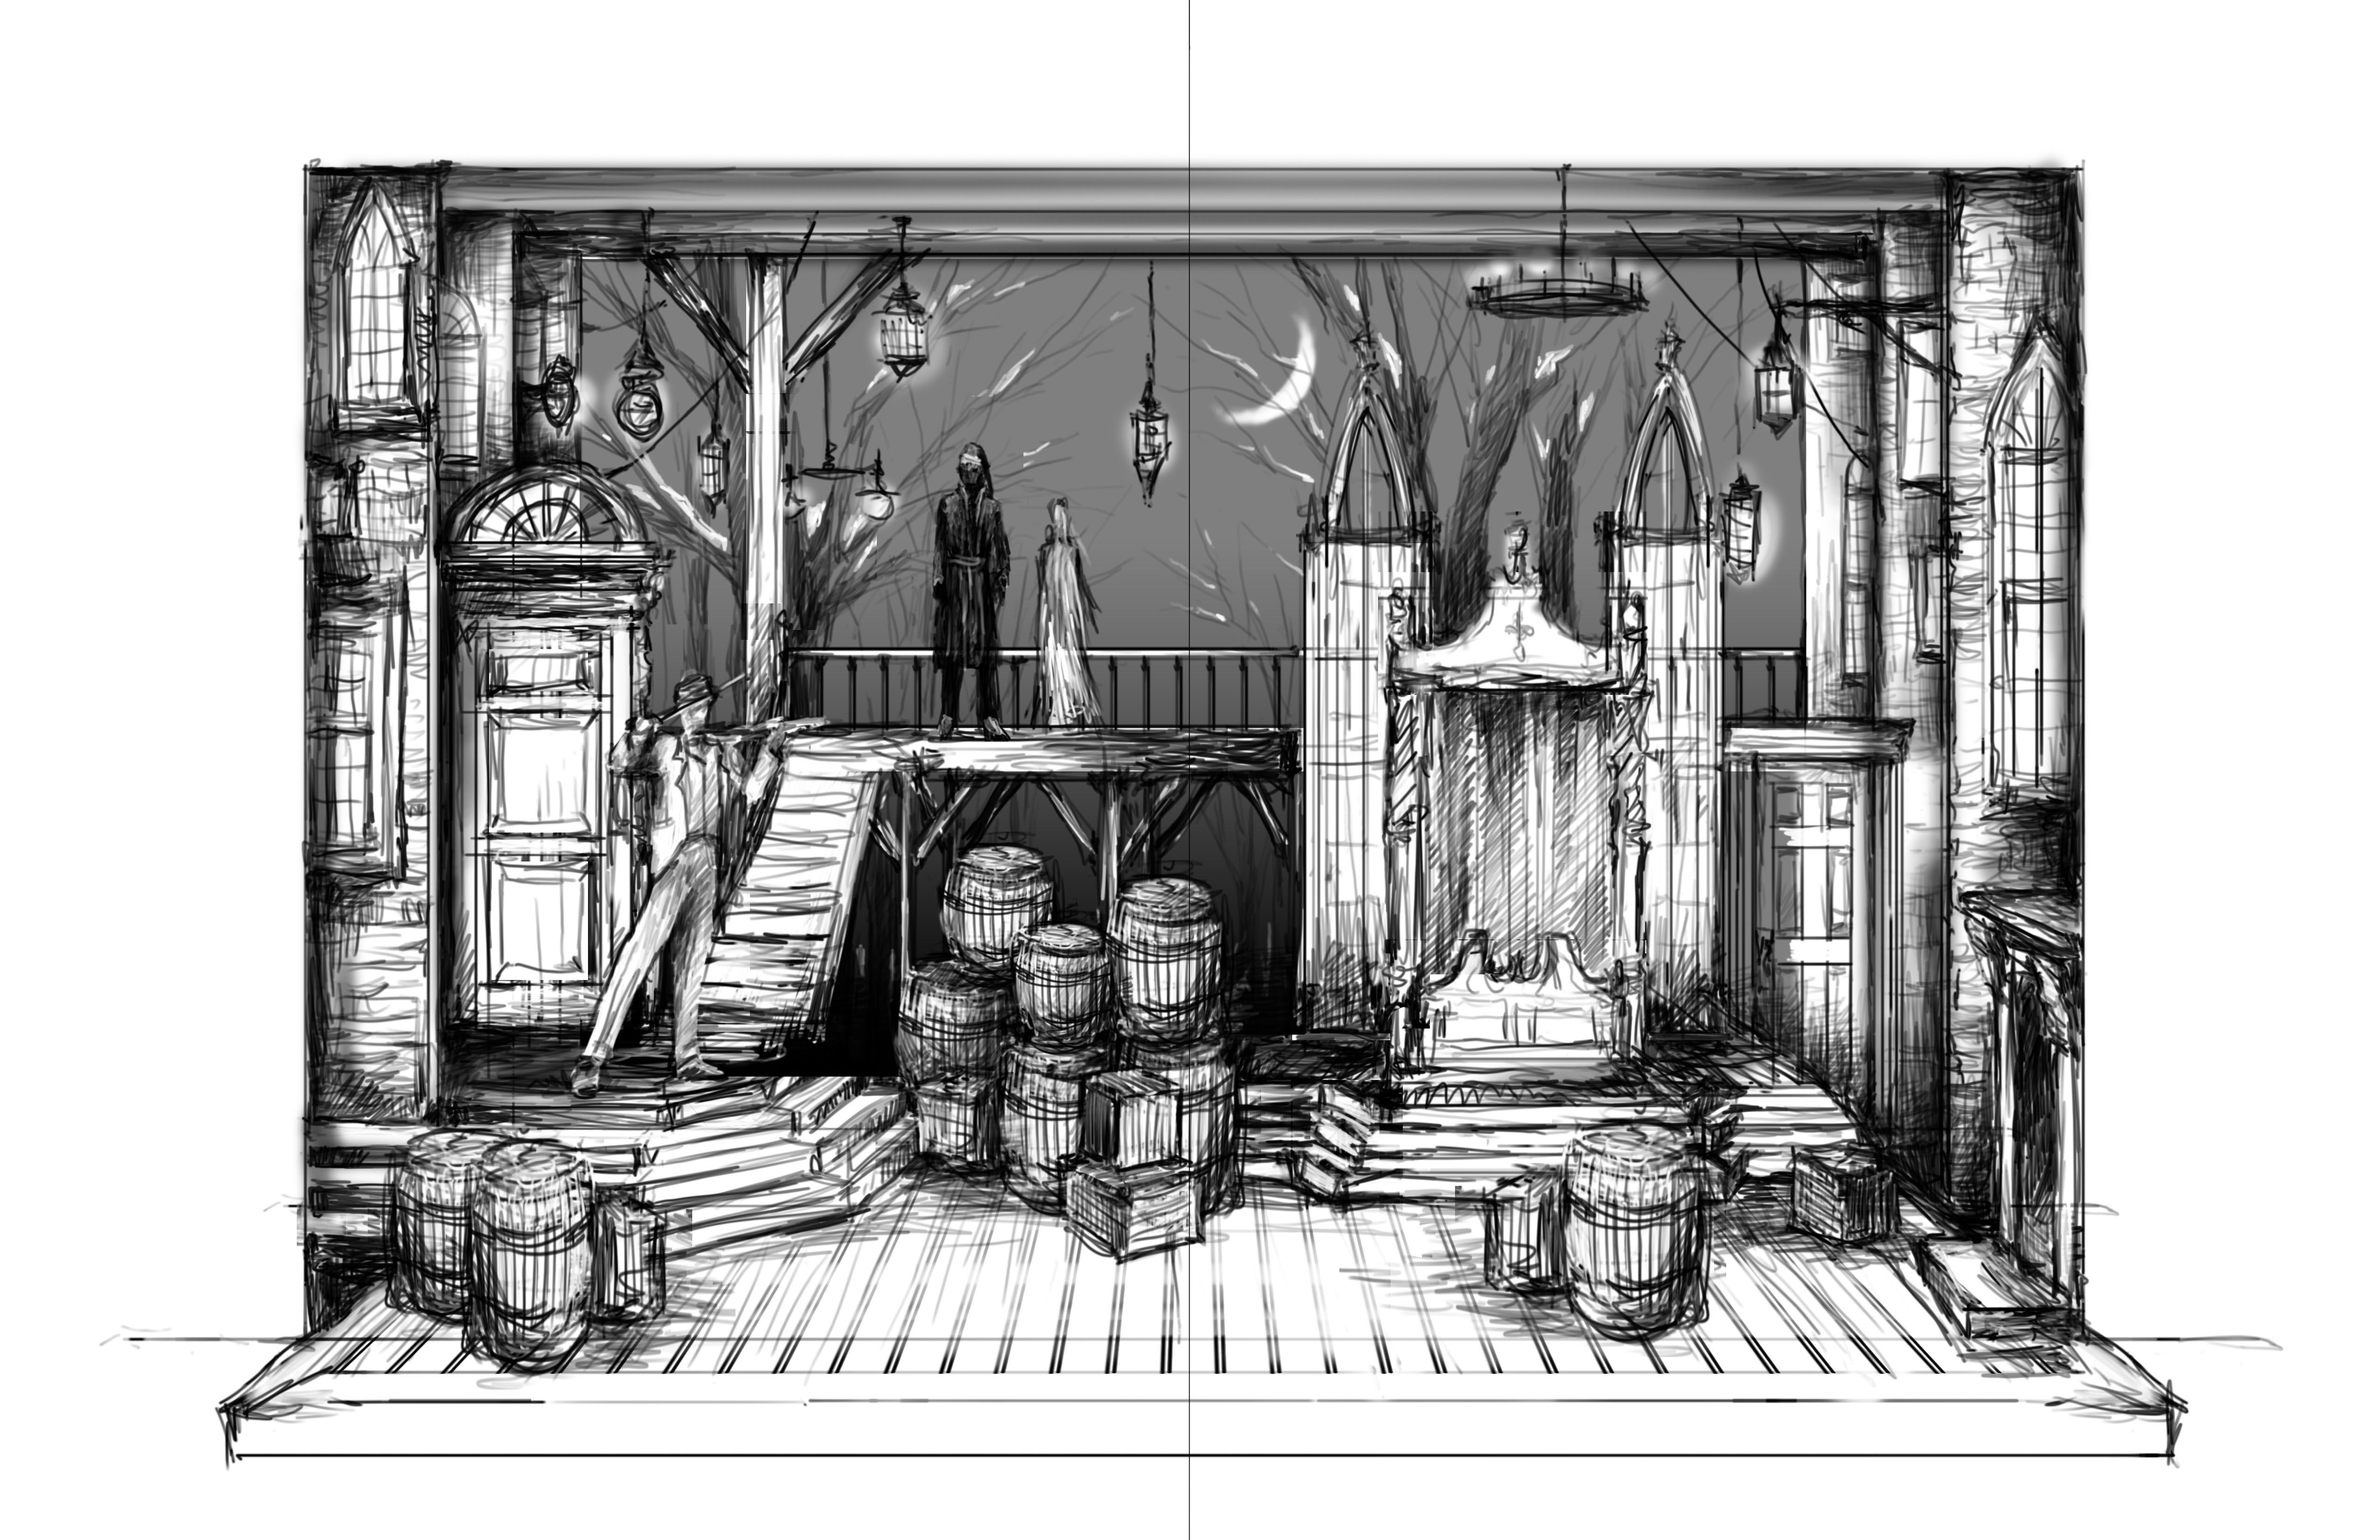 10. Fezziwig's Warehouse